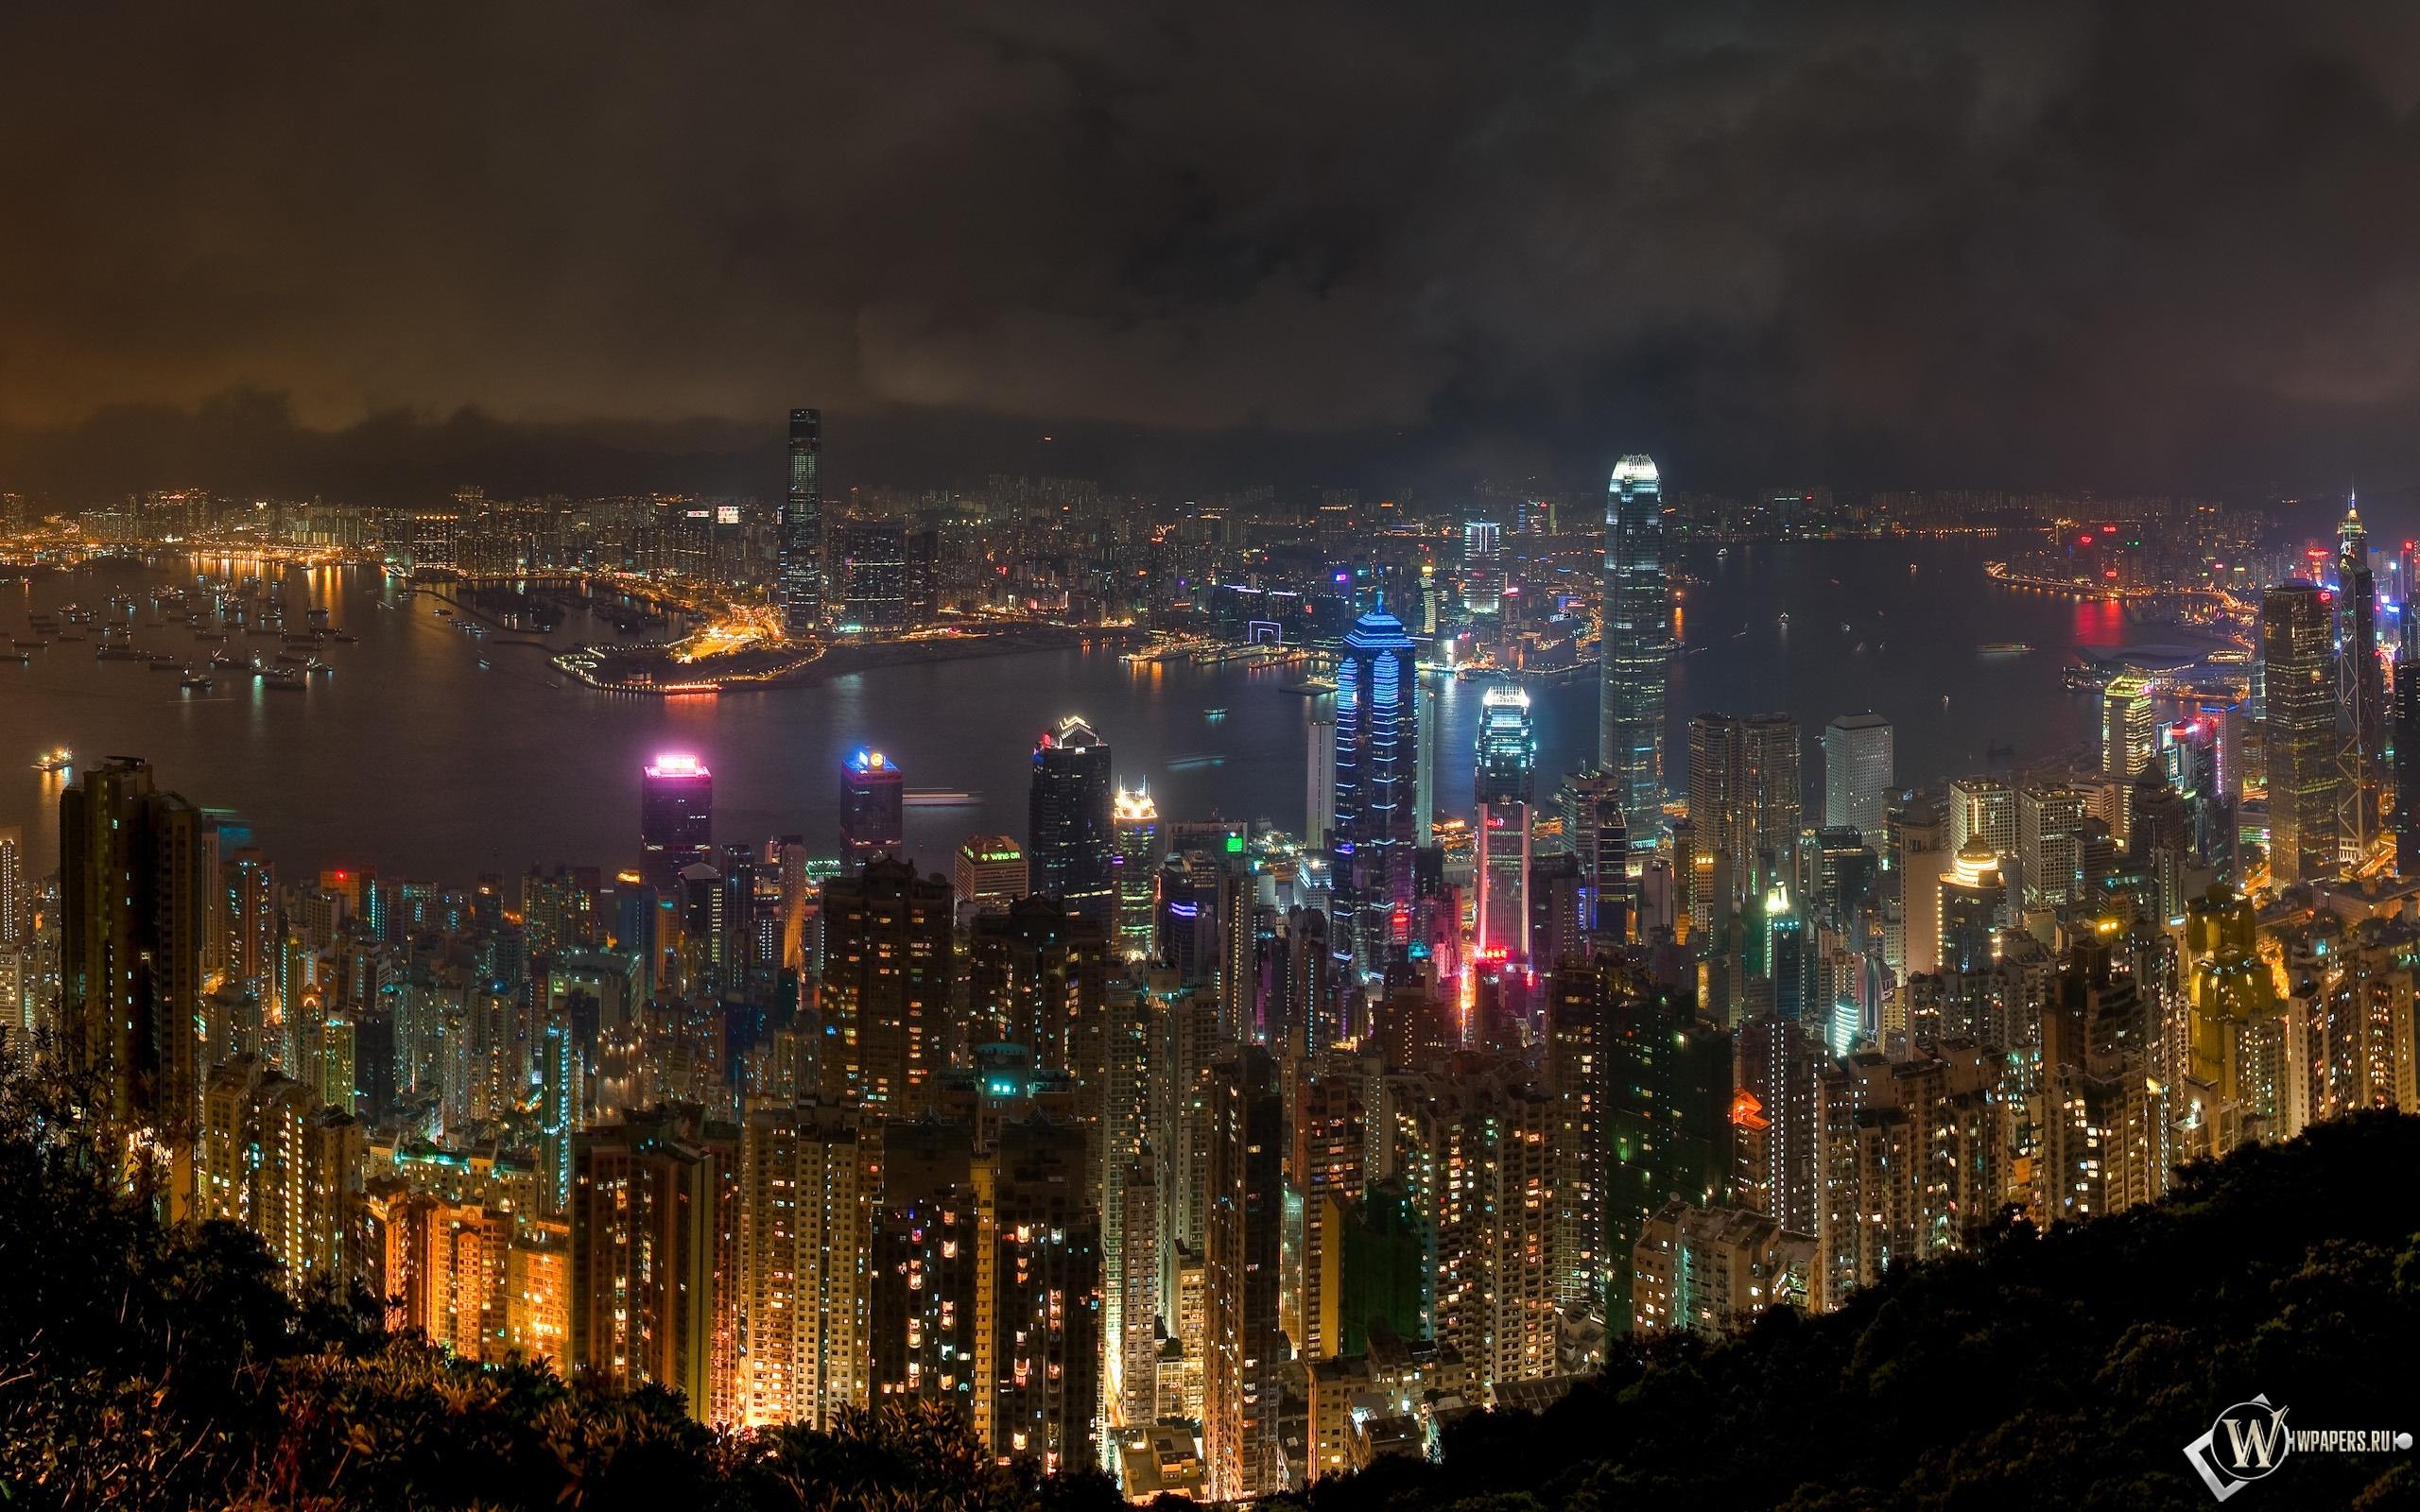 ночь город картинки красивые